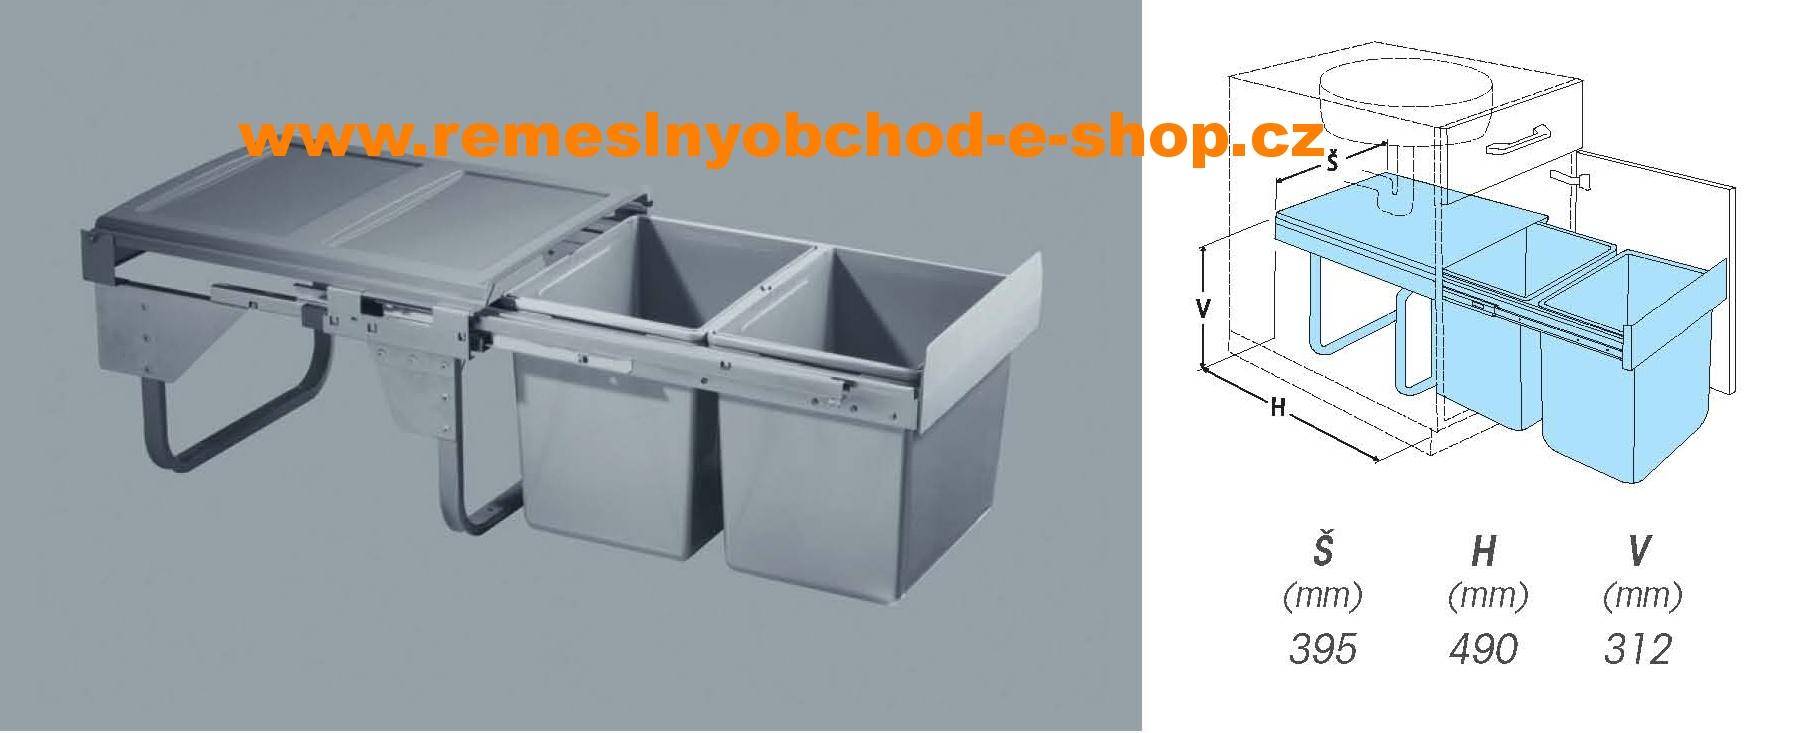 Výsuvný odpadkový 2- koš Komfort, 2x15 l, K45-šedý plast Tento druh odpadkového koše je určen pro umístění pod dřez.